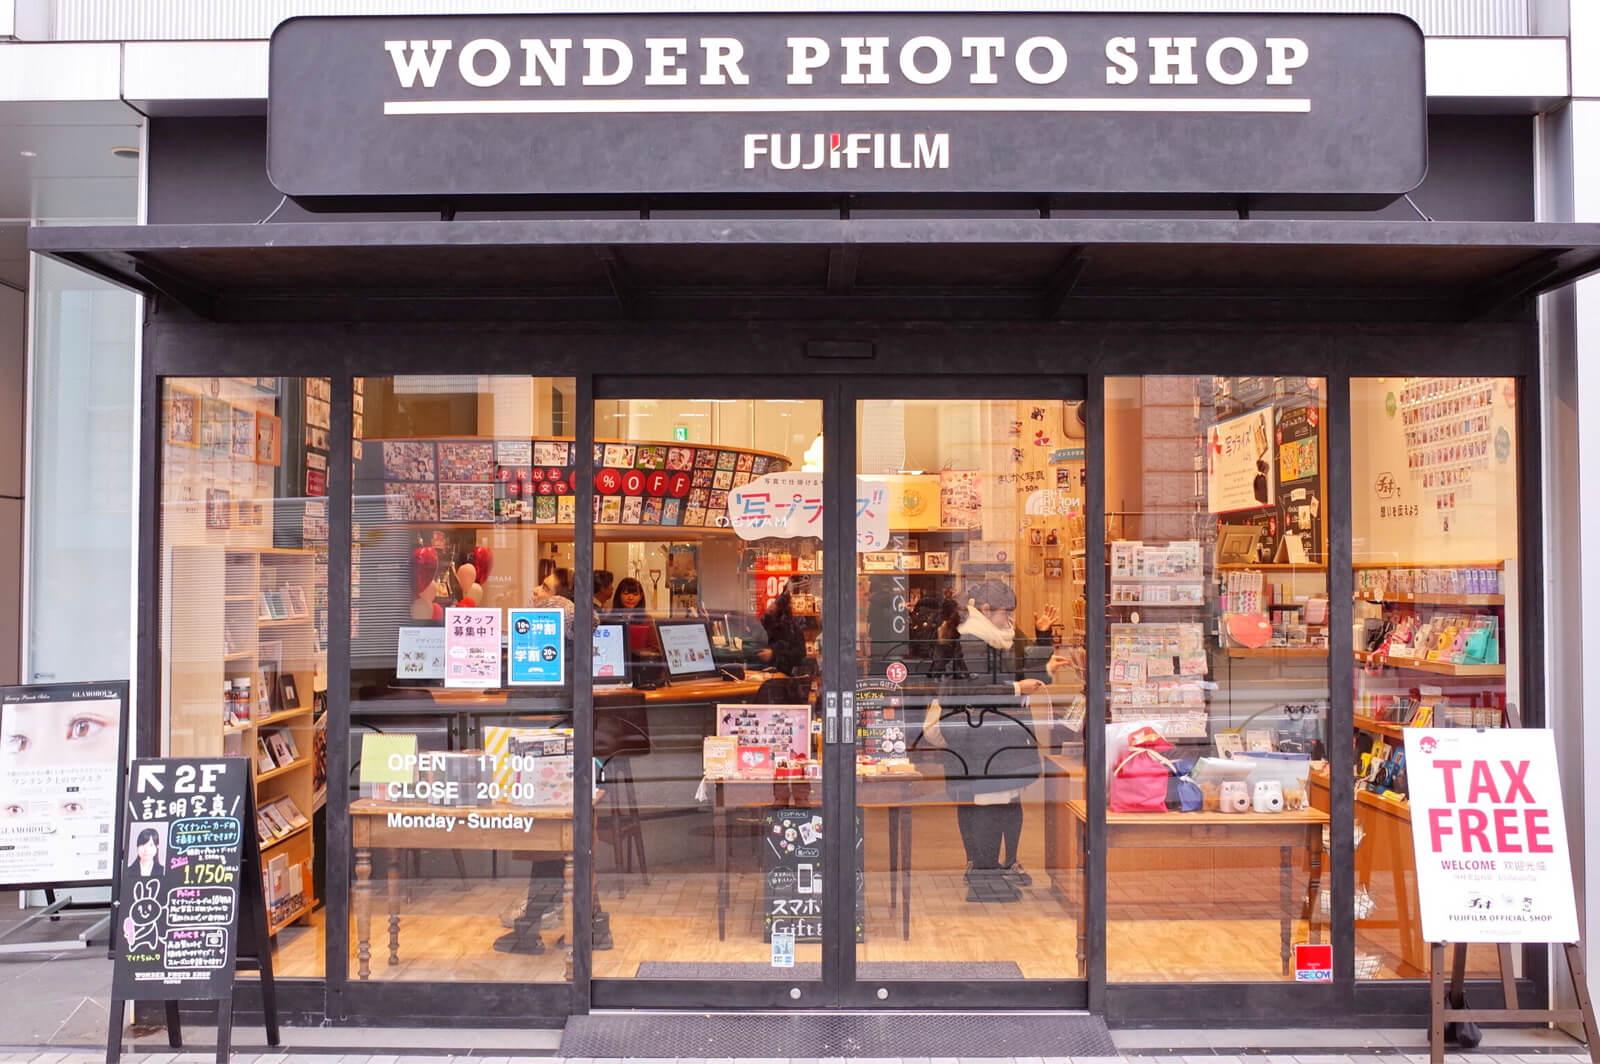 富士フィルム  WONDER PHOTO SHOP 入口